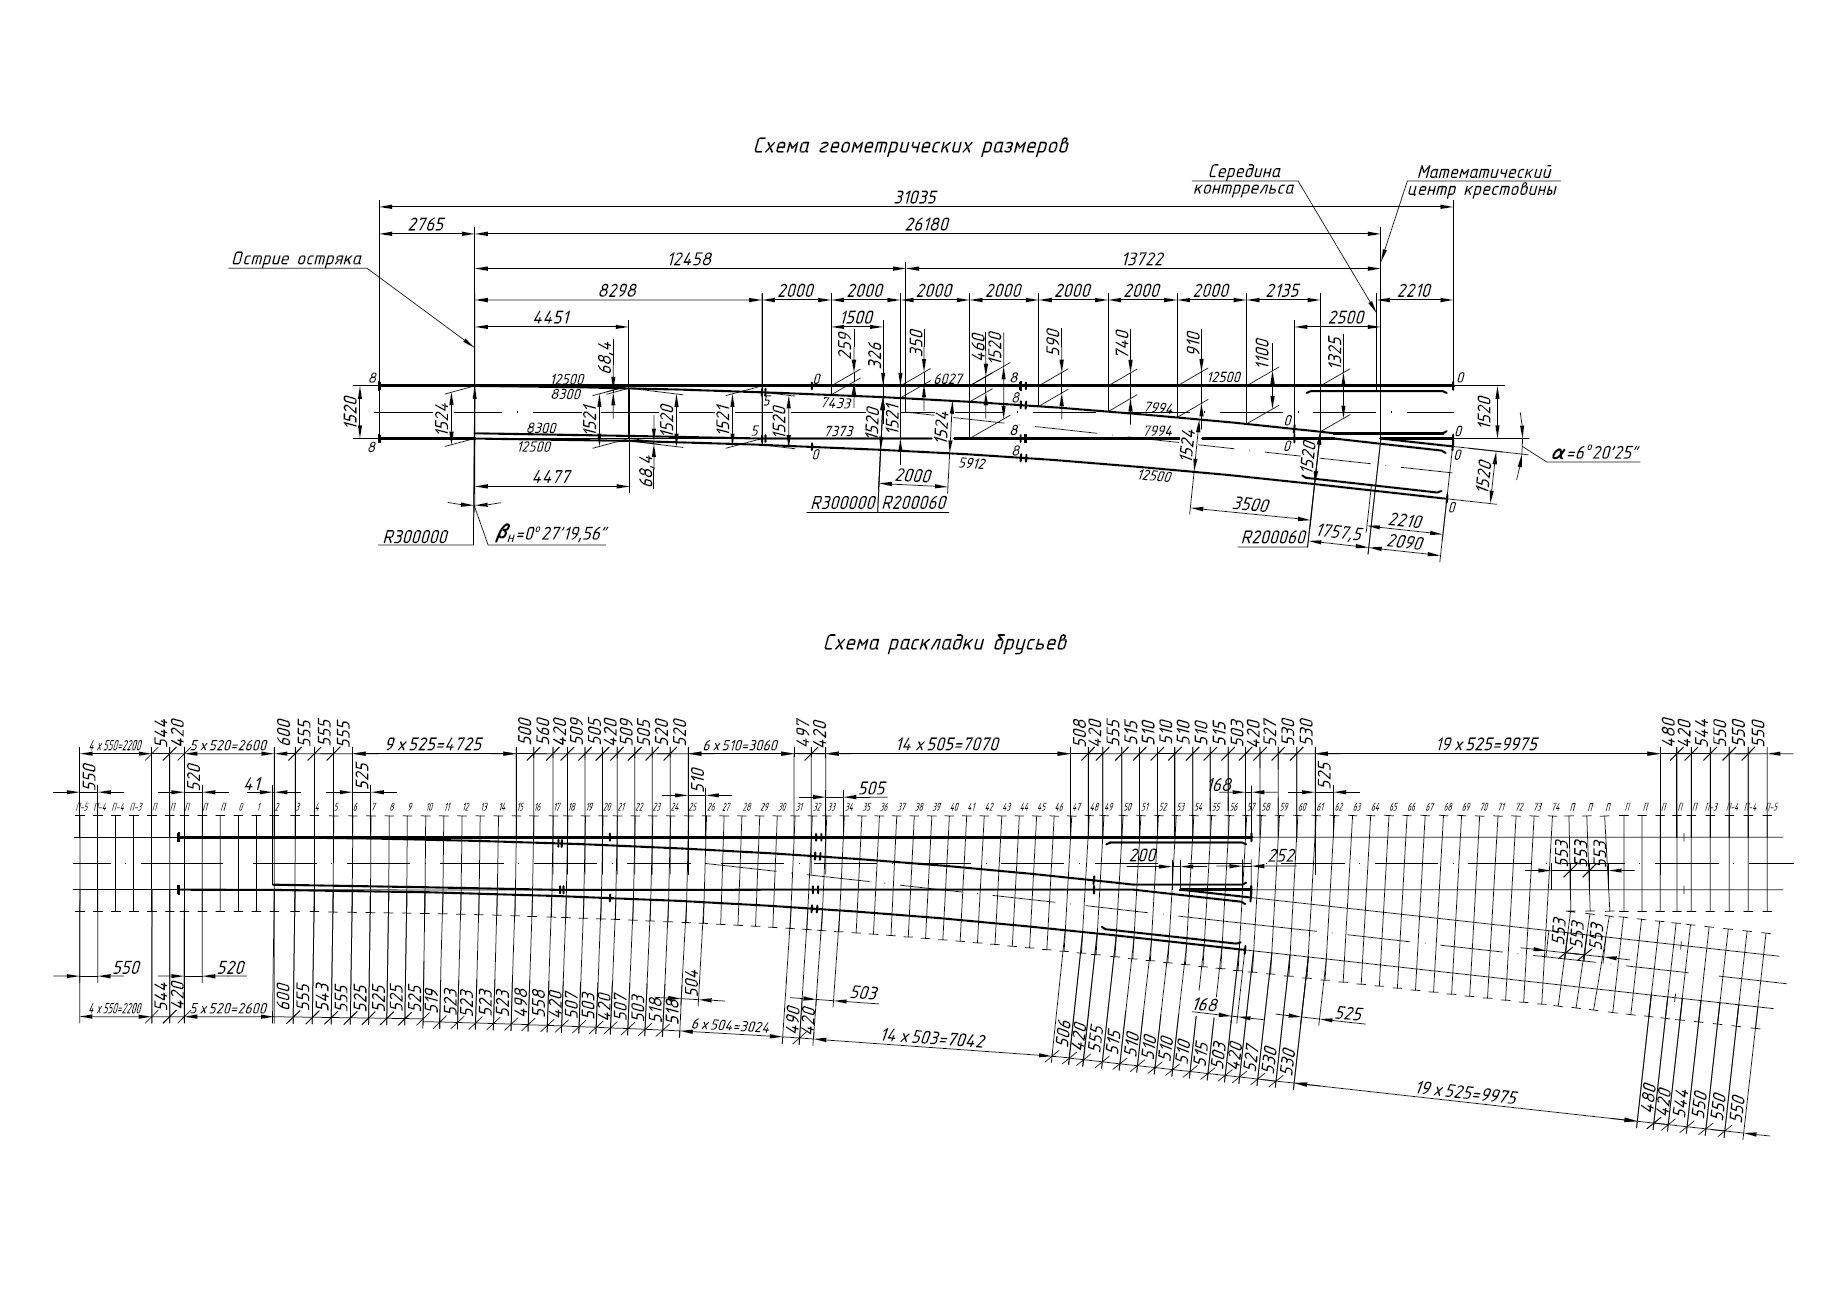 Крестовина 1/9 проект 2769 бетон новая - фото pic_121b88a25cedfd1_1920x9000_1.jpg